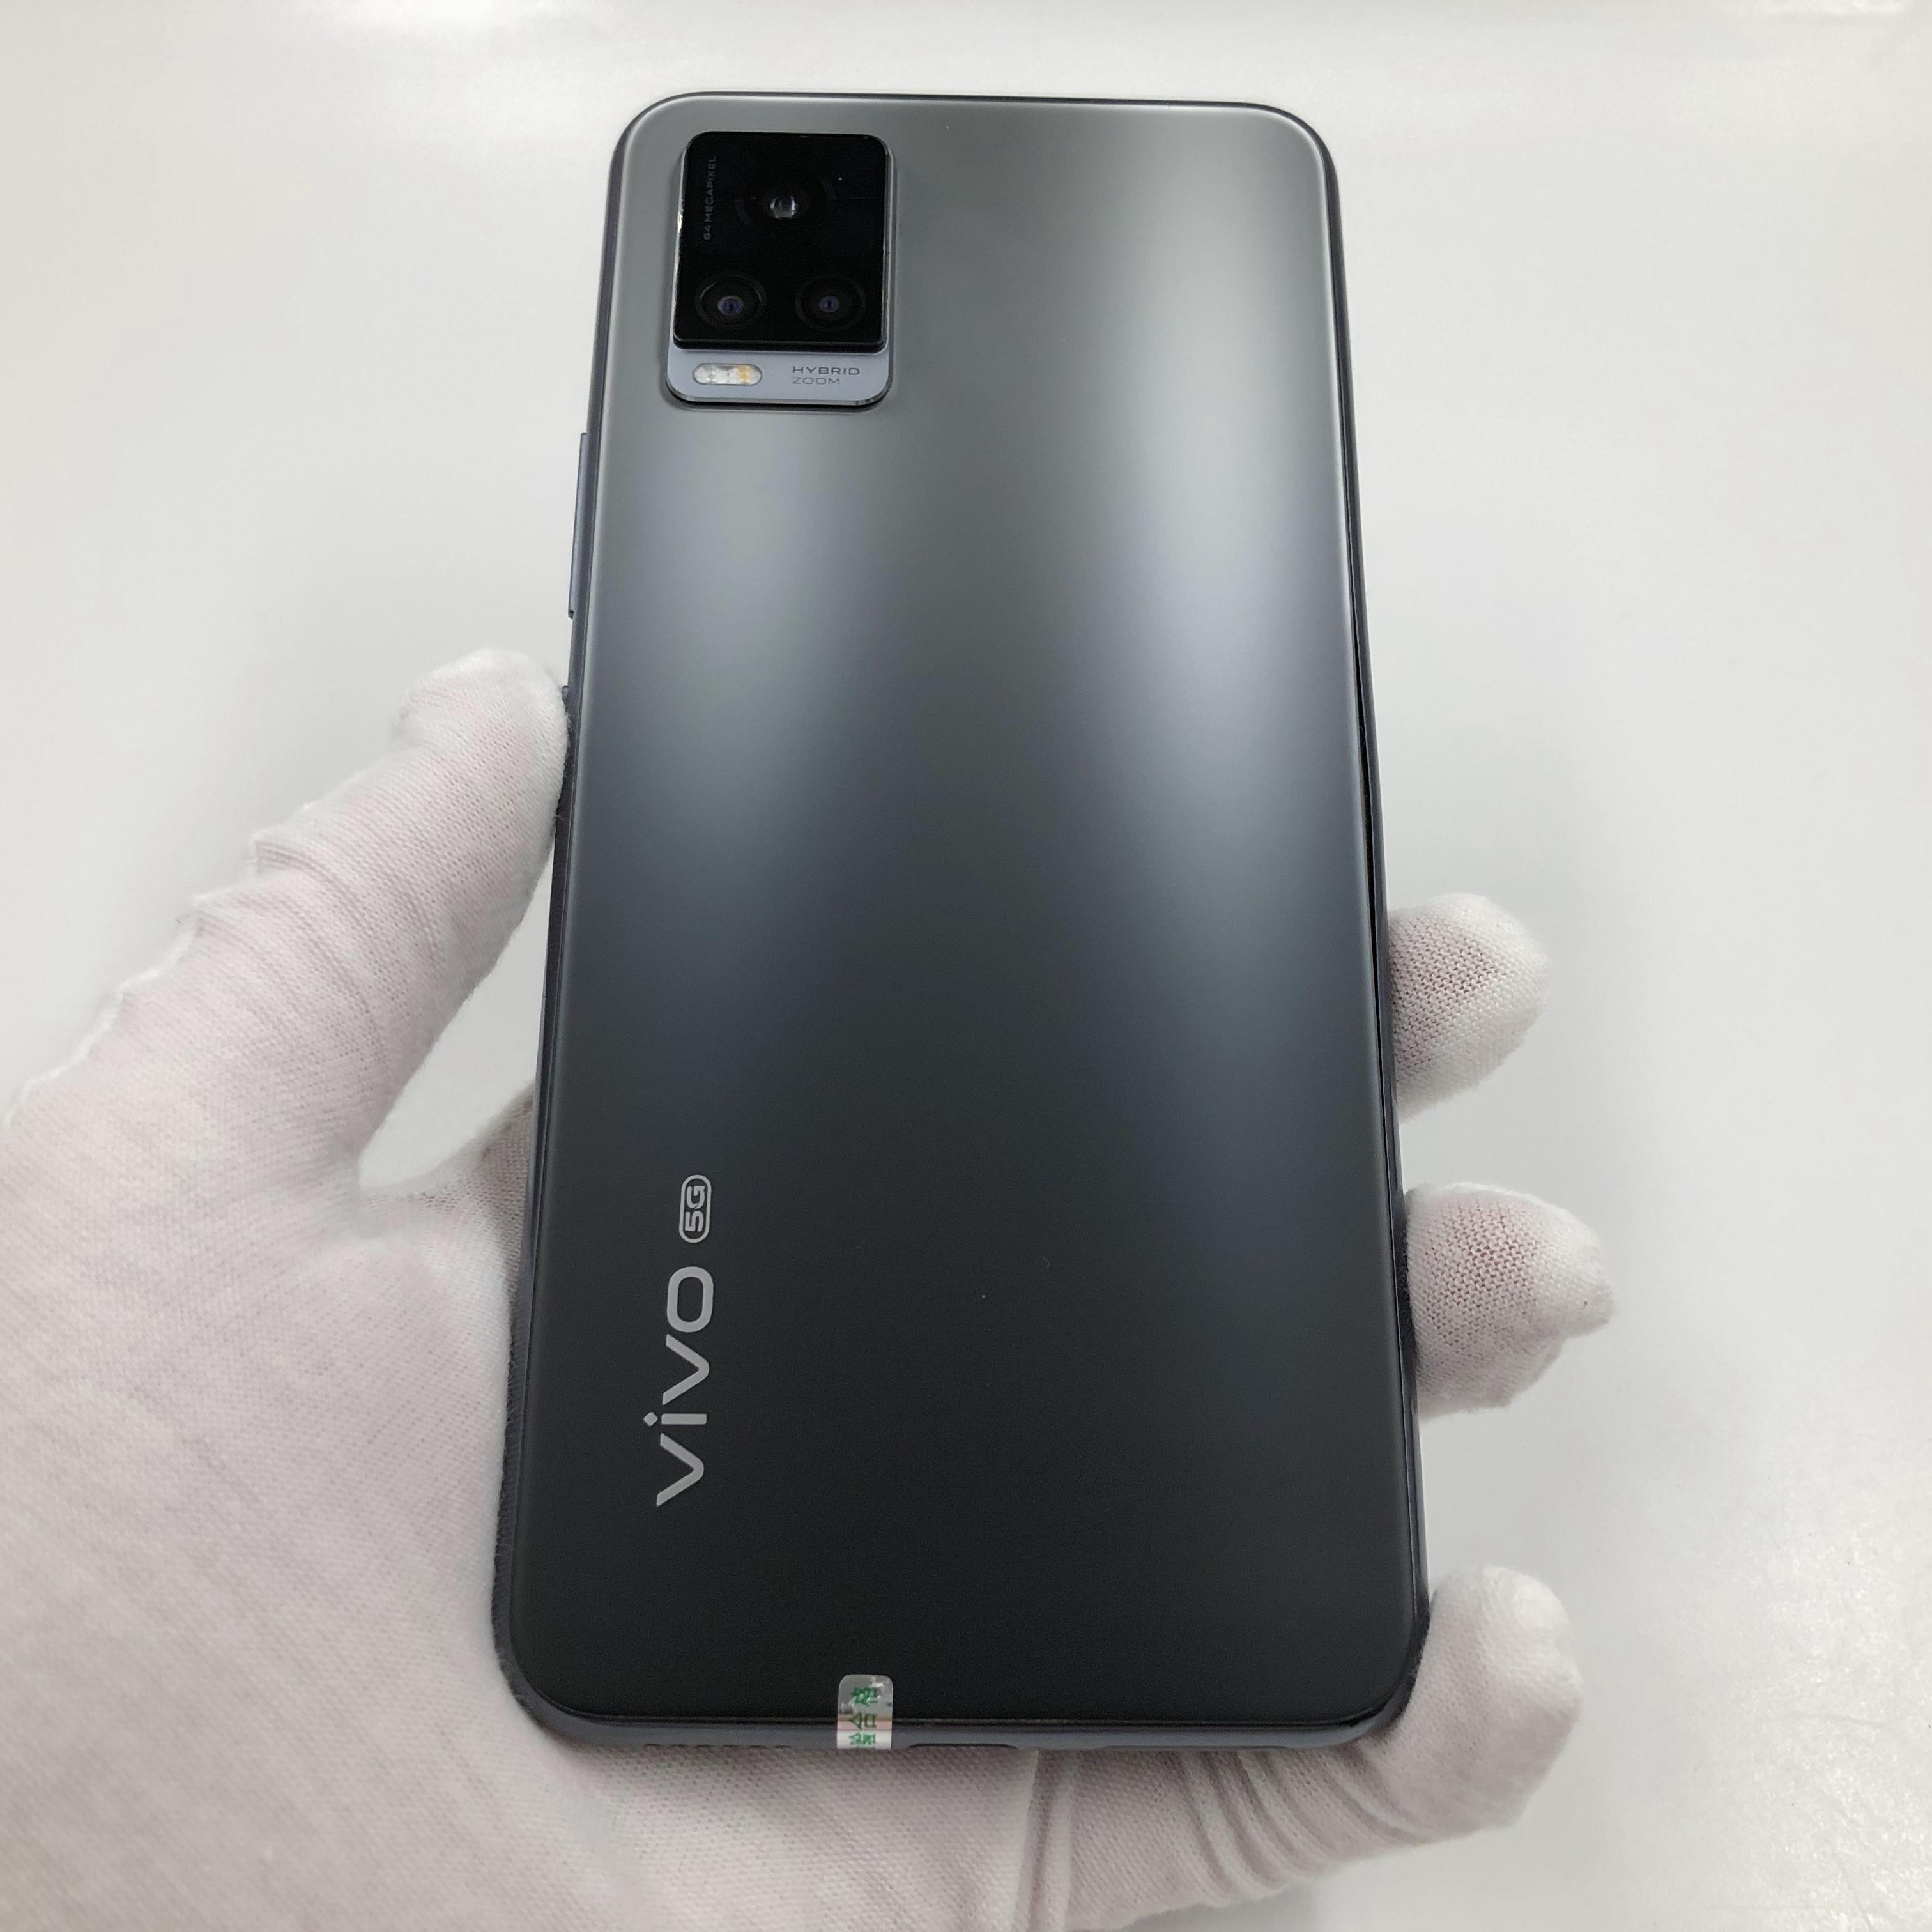 vivo【S7 5G】5G全网通 爵士黑 8G/128G 国行 95新 真机实拍